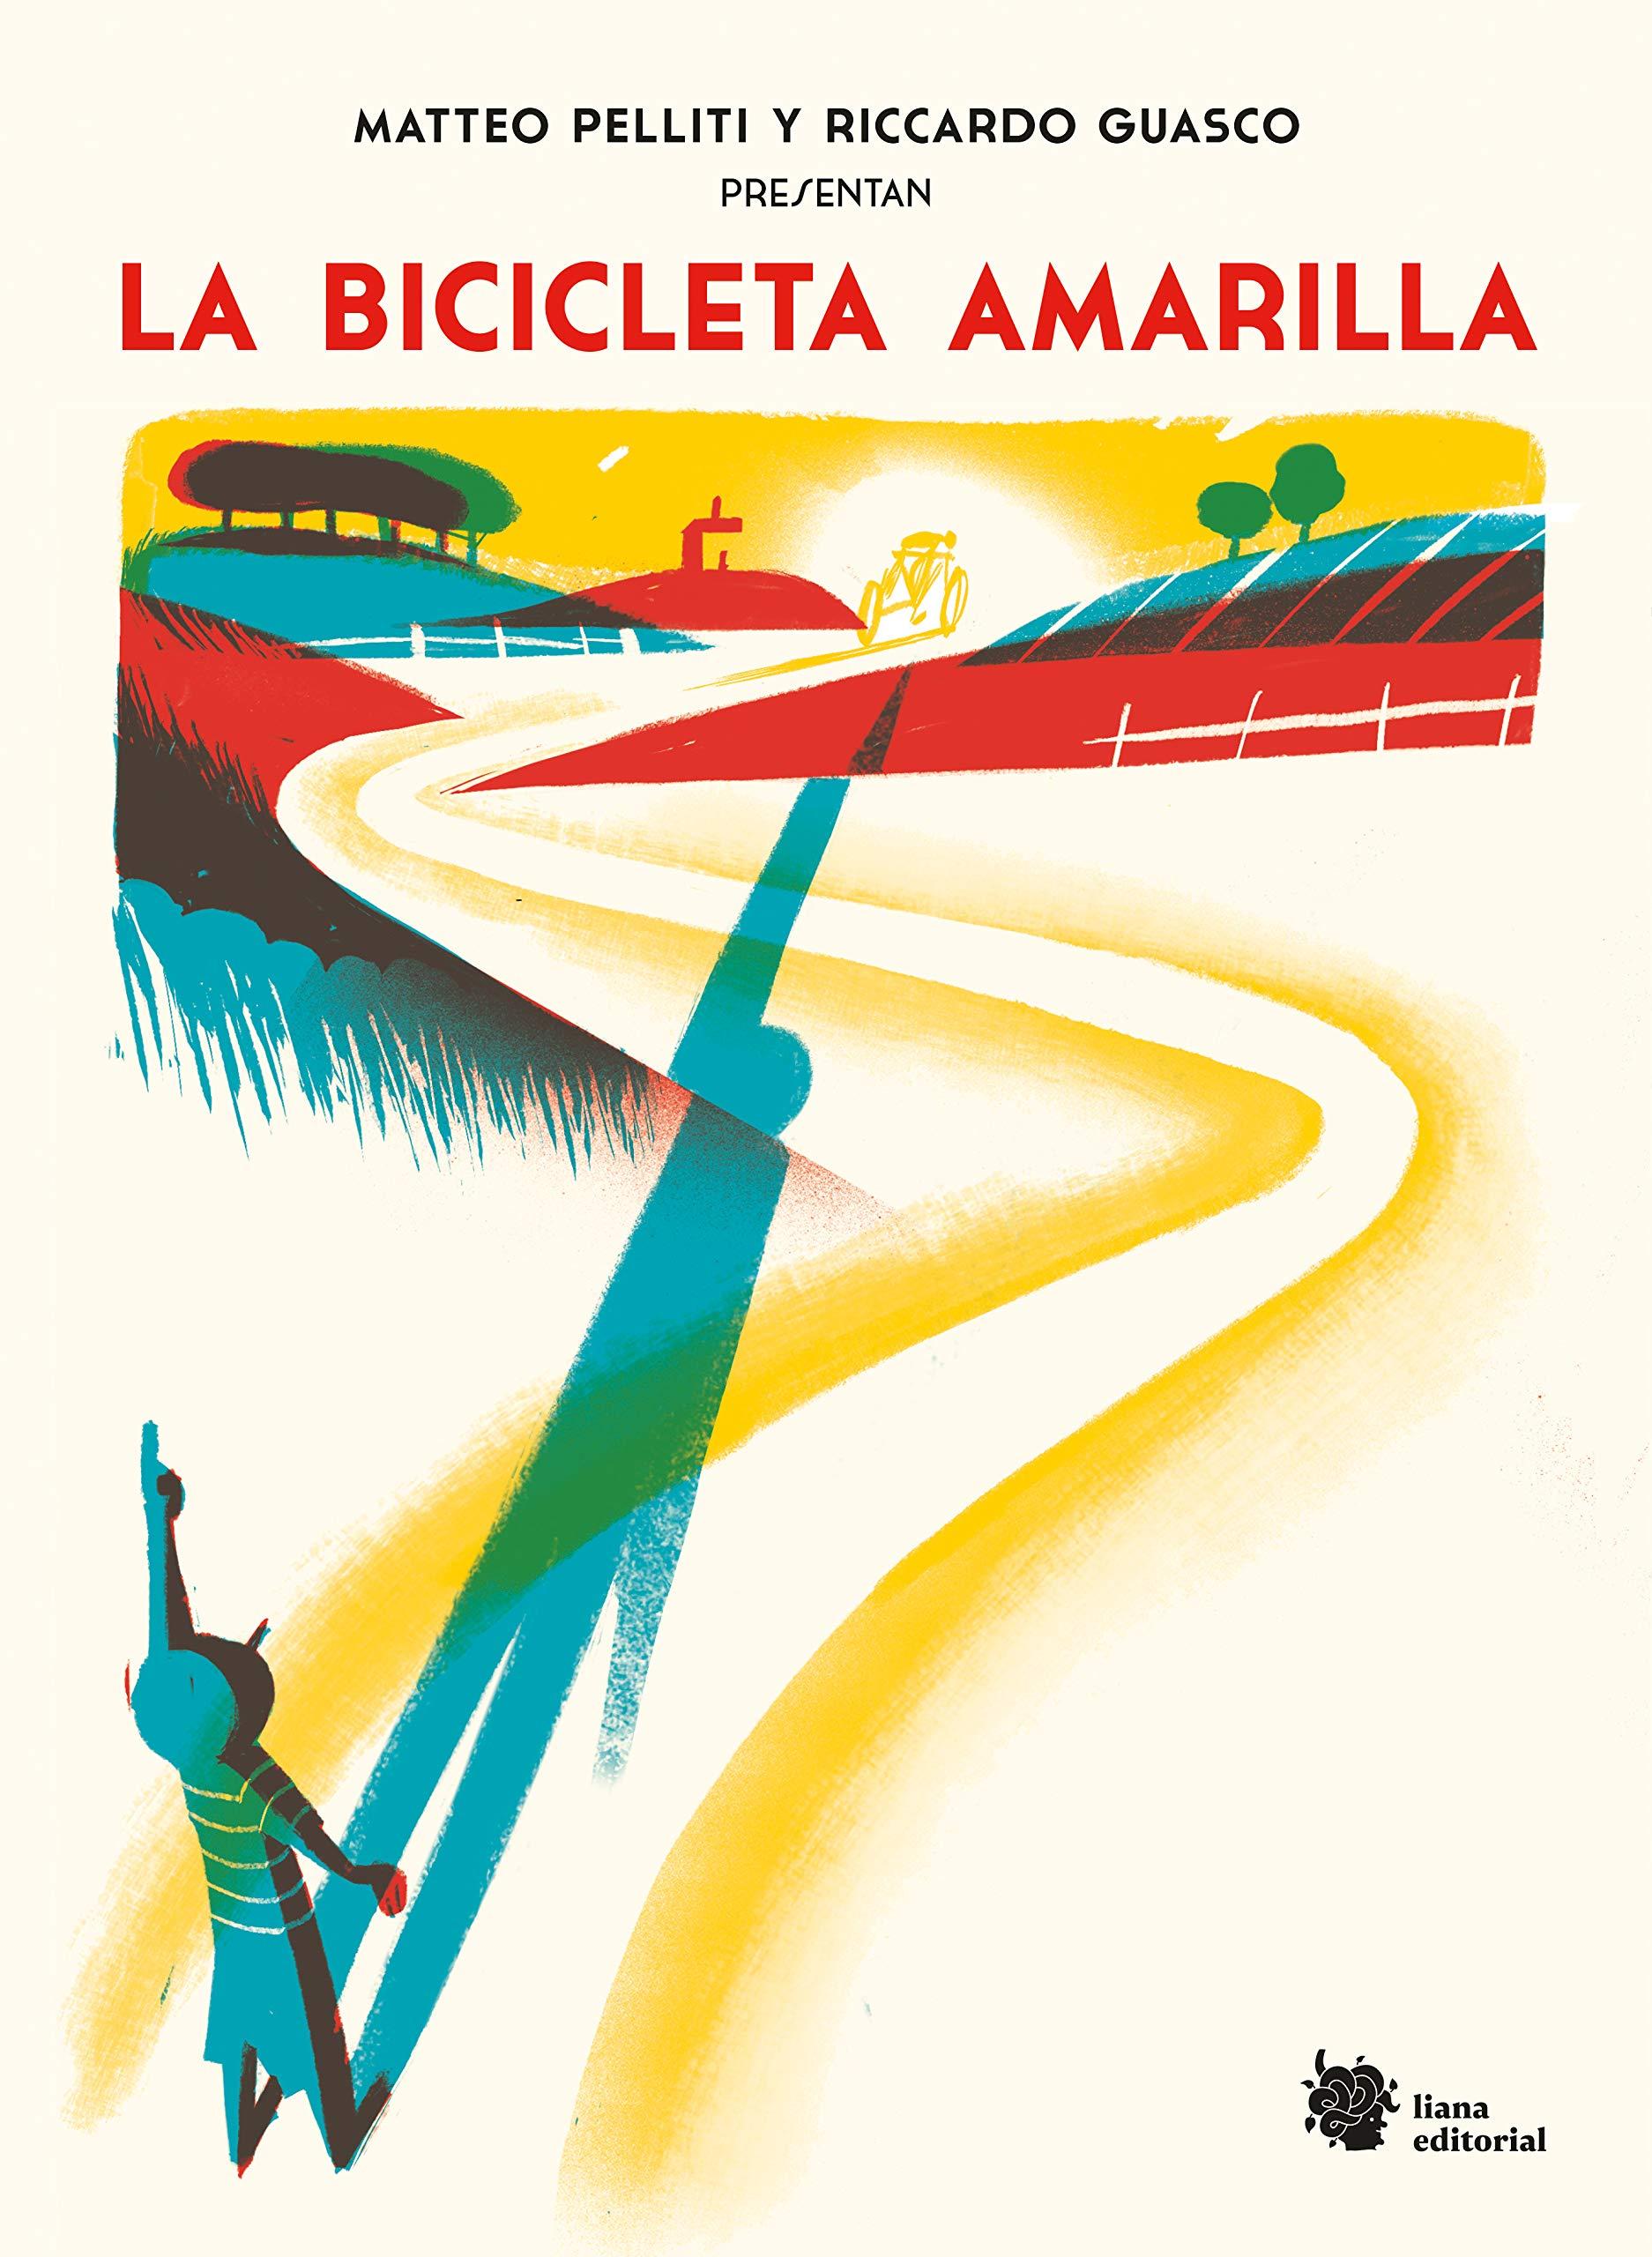 La bicicleta amarilla: Una incursión poética sobre ruedas para pequeños ciclistas: 1 Los nenúfares: Amazon.es: Pelliti, Matteo, Guasco, Riccardo, Tutone, Marta: Libros